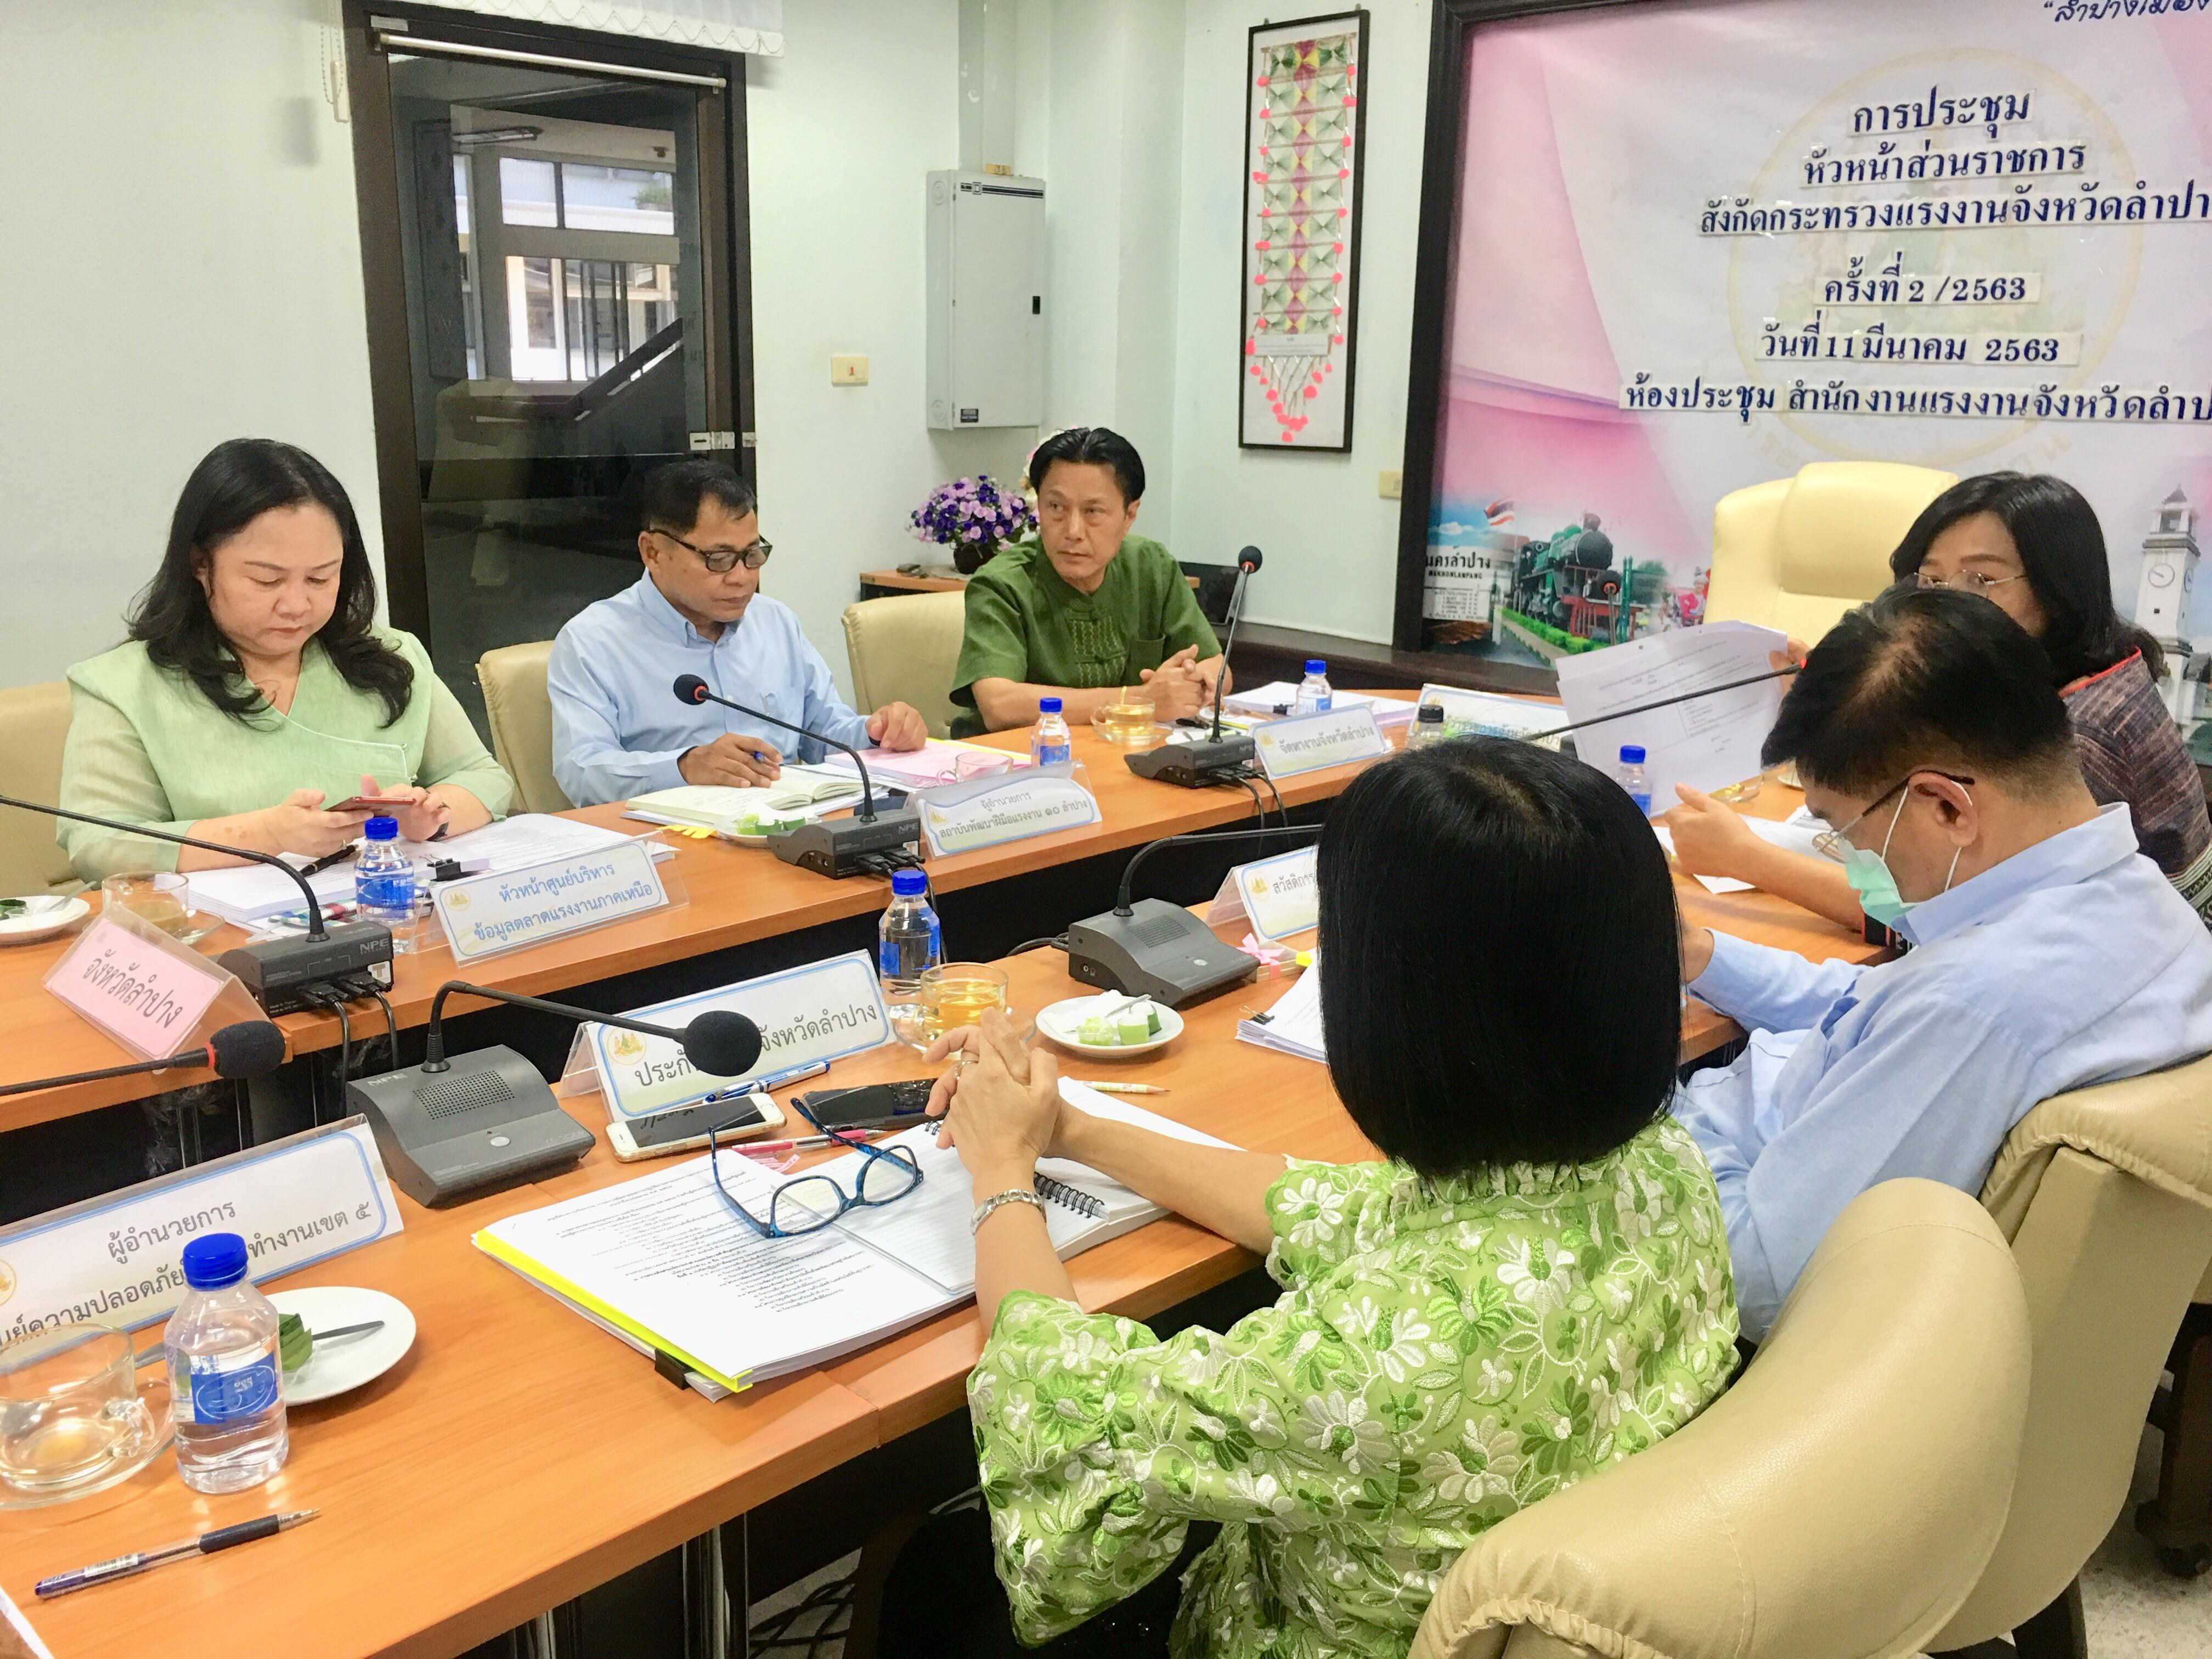 ร่วมประชุมหัวหน้าส่วนราชการ/หัวหน้าหน่วยงานสังกัดกระทรวงแรงงานจังหวัดลำปาง ครั้งที่ 2/2563